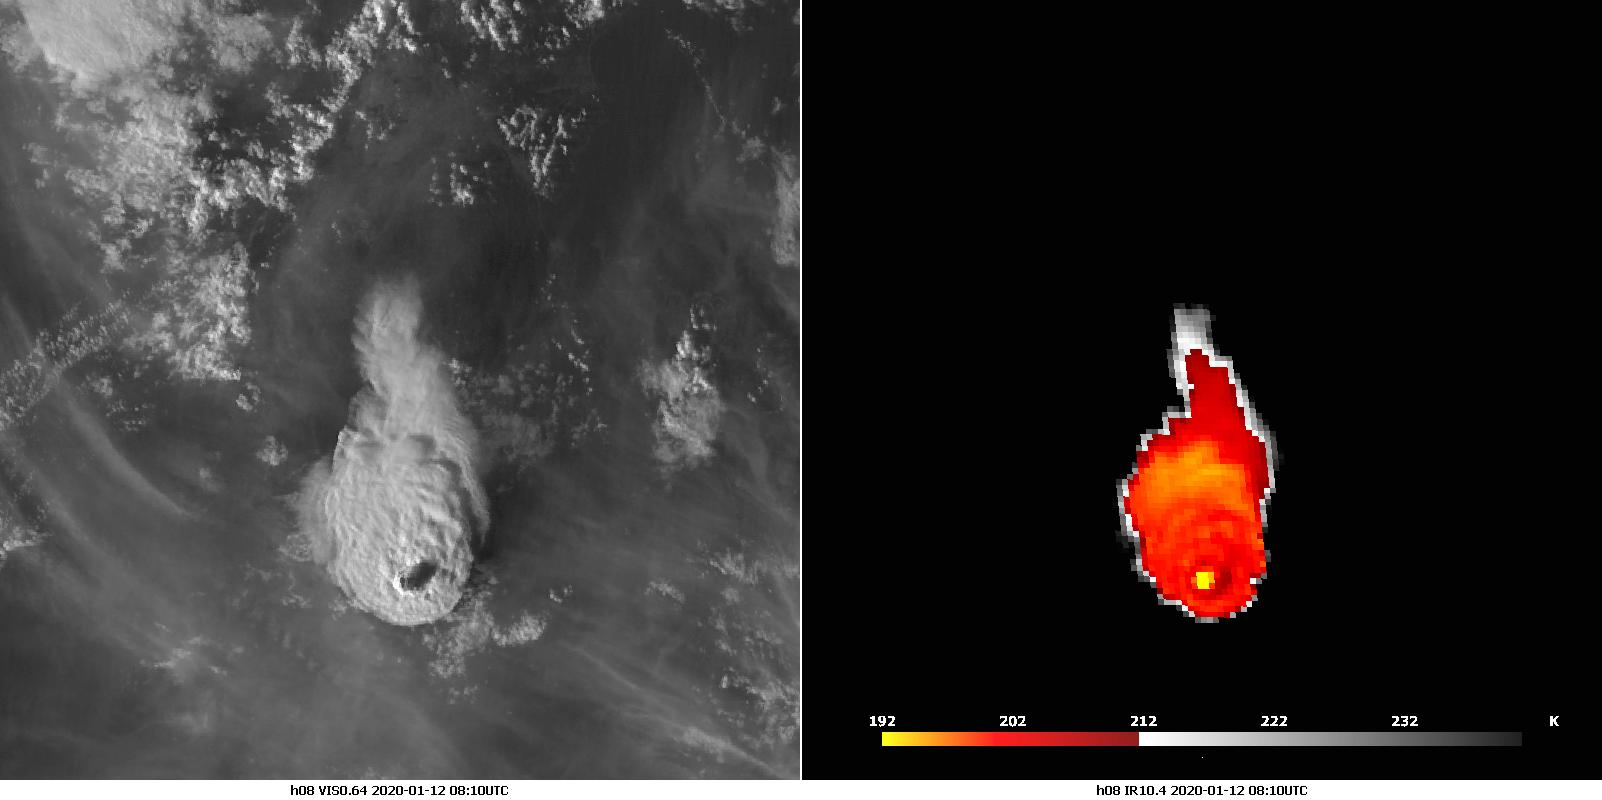 Himawari-8 VIS0.64 (left) and IR10.4 (right), 12 Jan 08:00 UTC